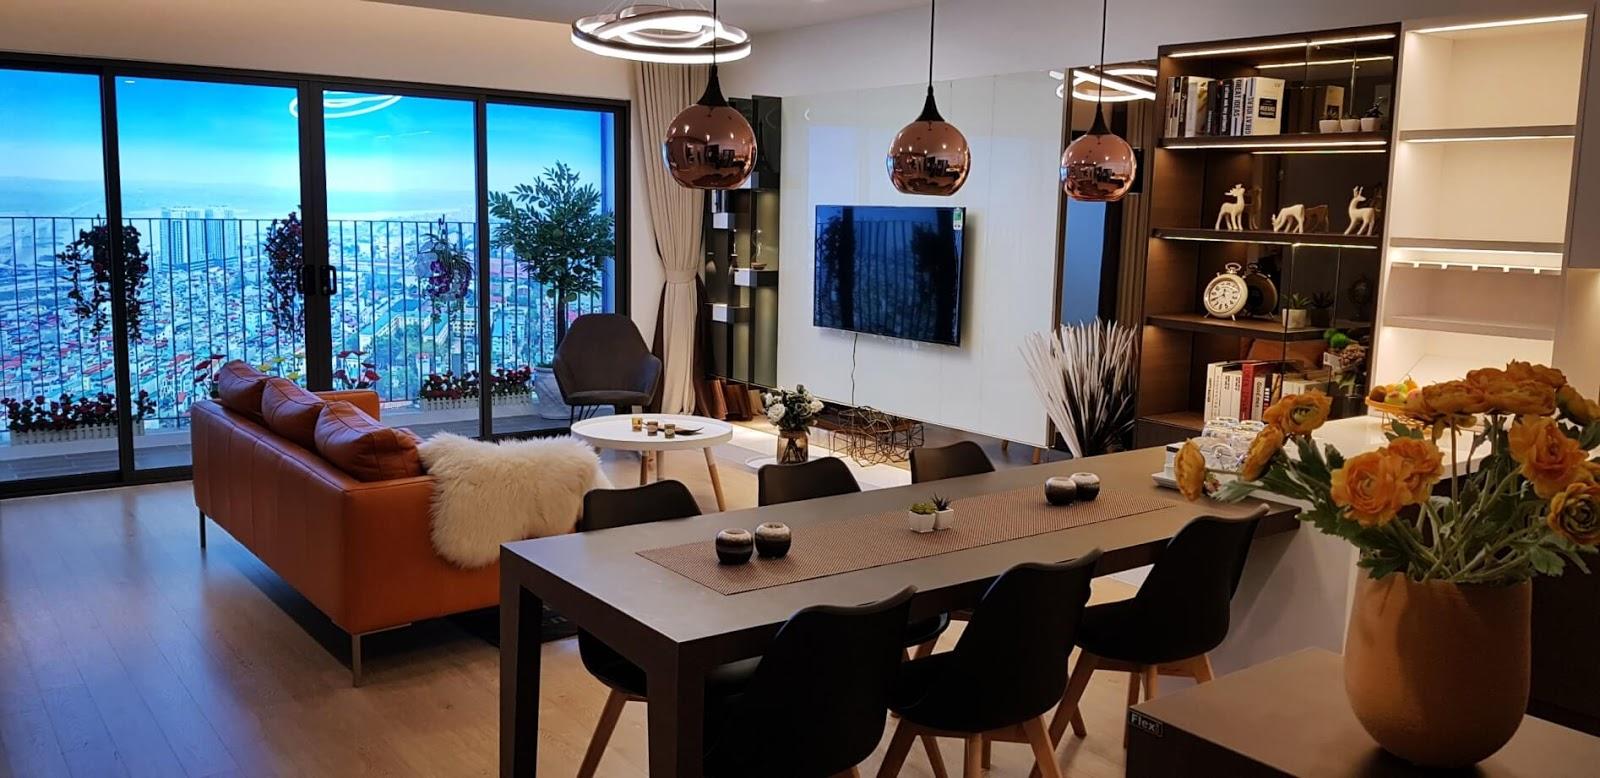 Căn hộ mẫu dự án chung cư 622 Minh Khai